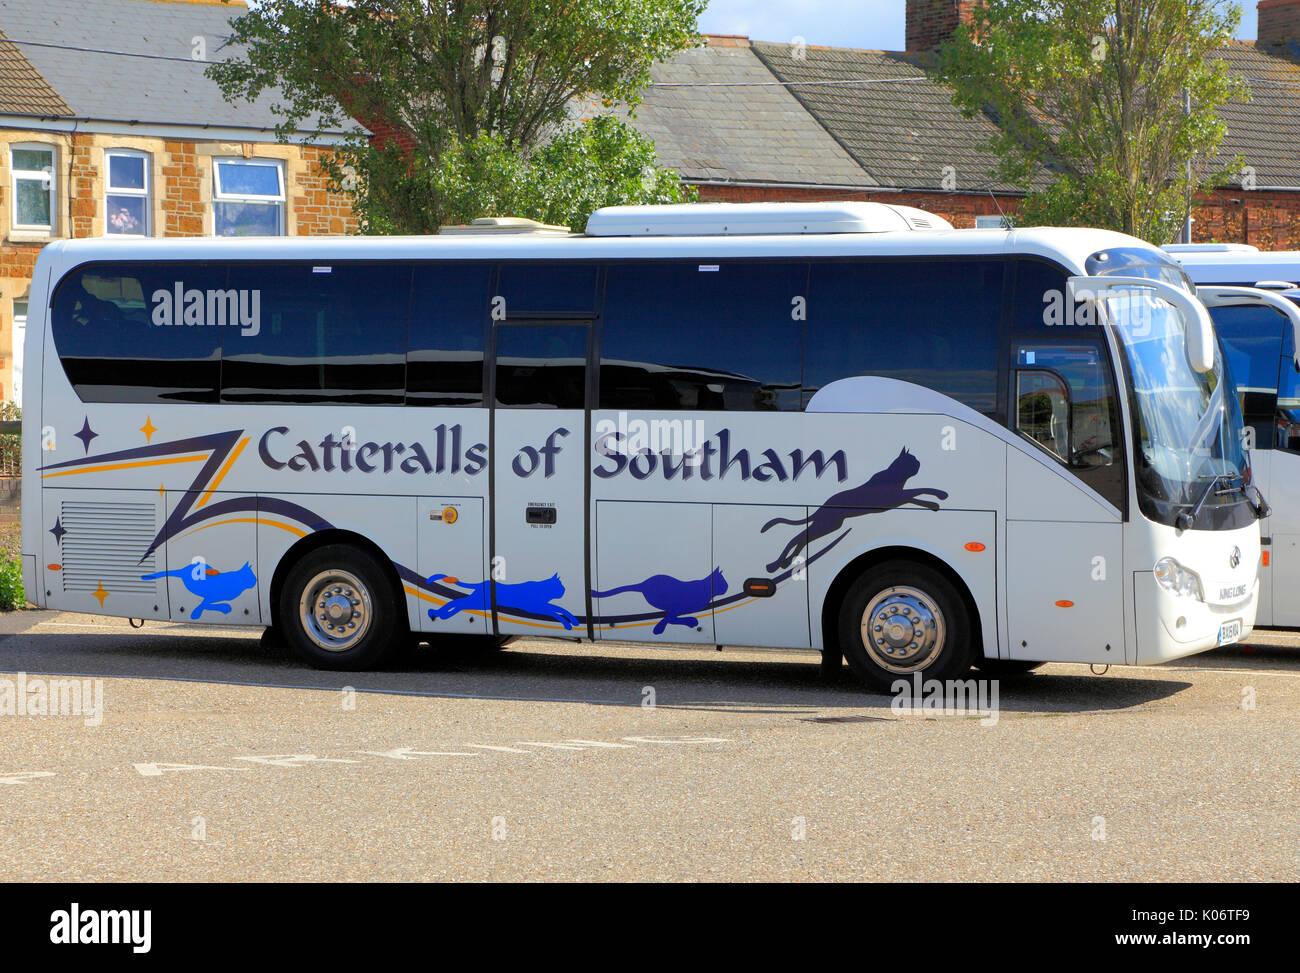 Catteralls di Southam, pullman, autobus, viaggio in giornata, gite, escursioni, escursioni, agenzia di viaggi, compagnie di trasporto, vacanze, England, Regno Unito Immagini Stock